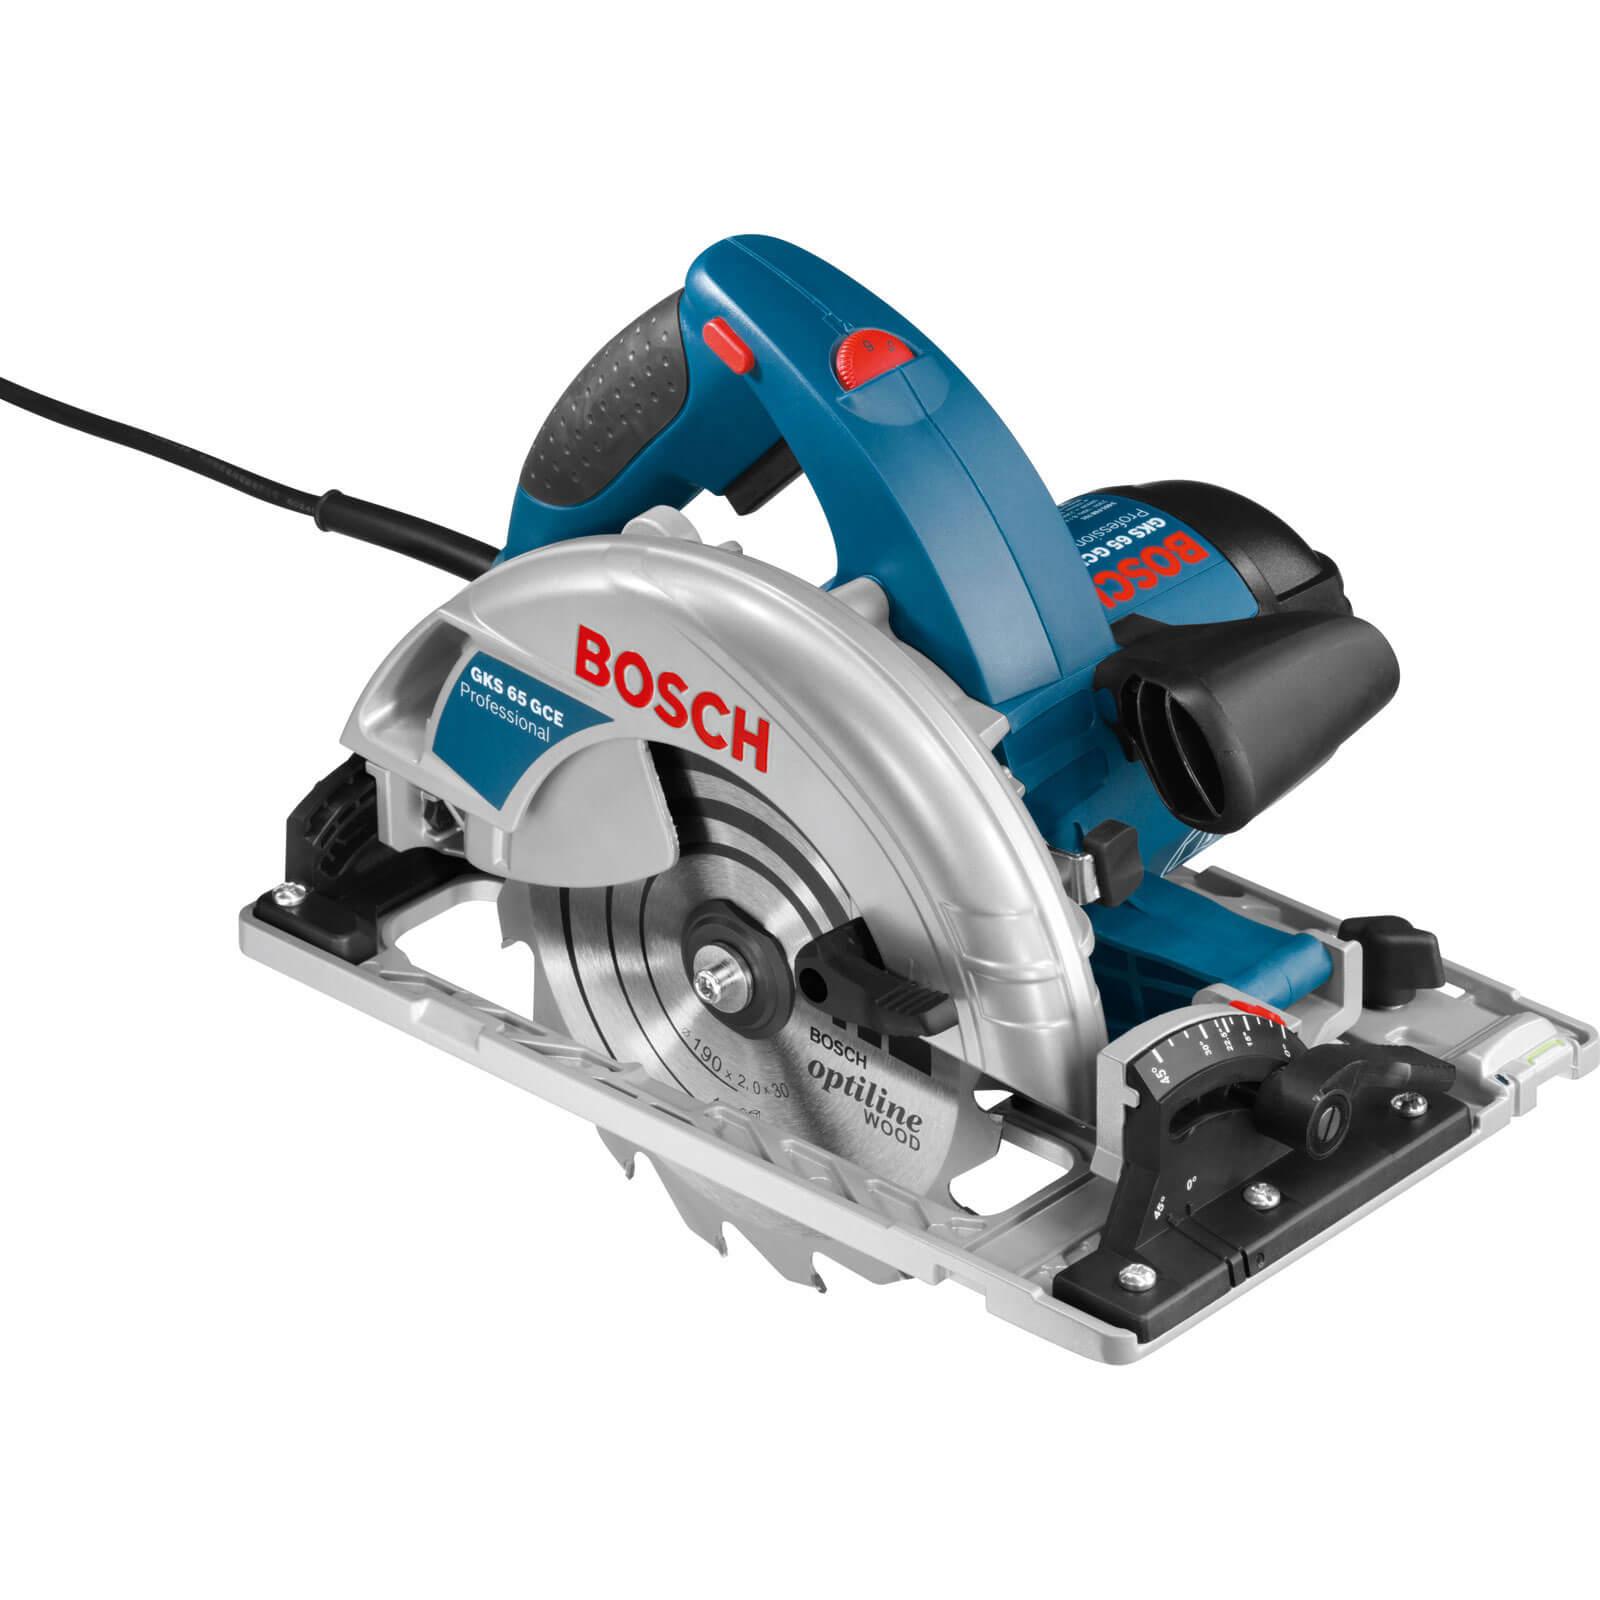 Bosch GKS 65 GCE Electric Circular Saw 190mm Blade 1800w 240v + L Boxx